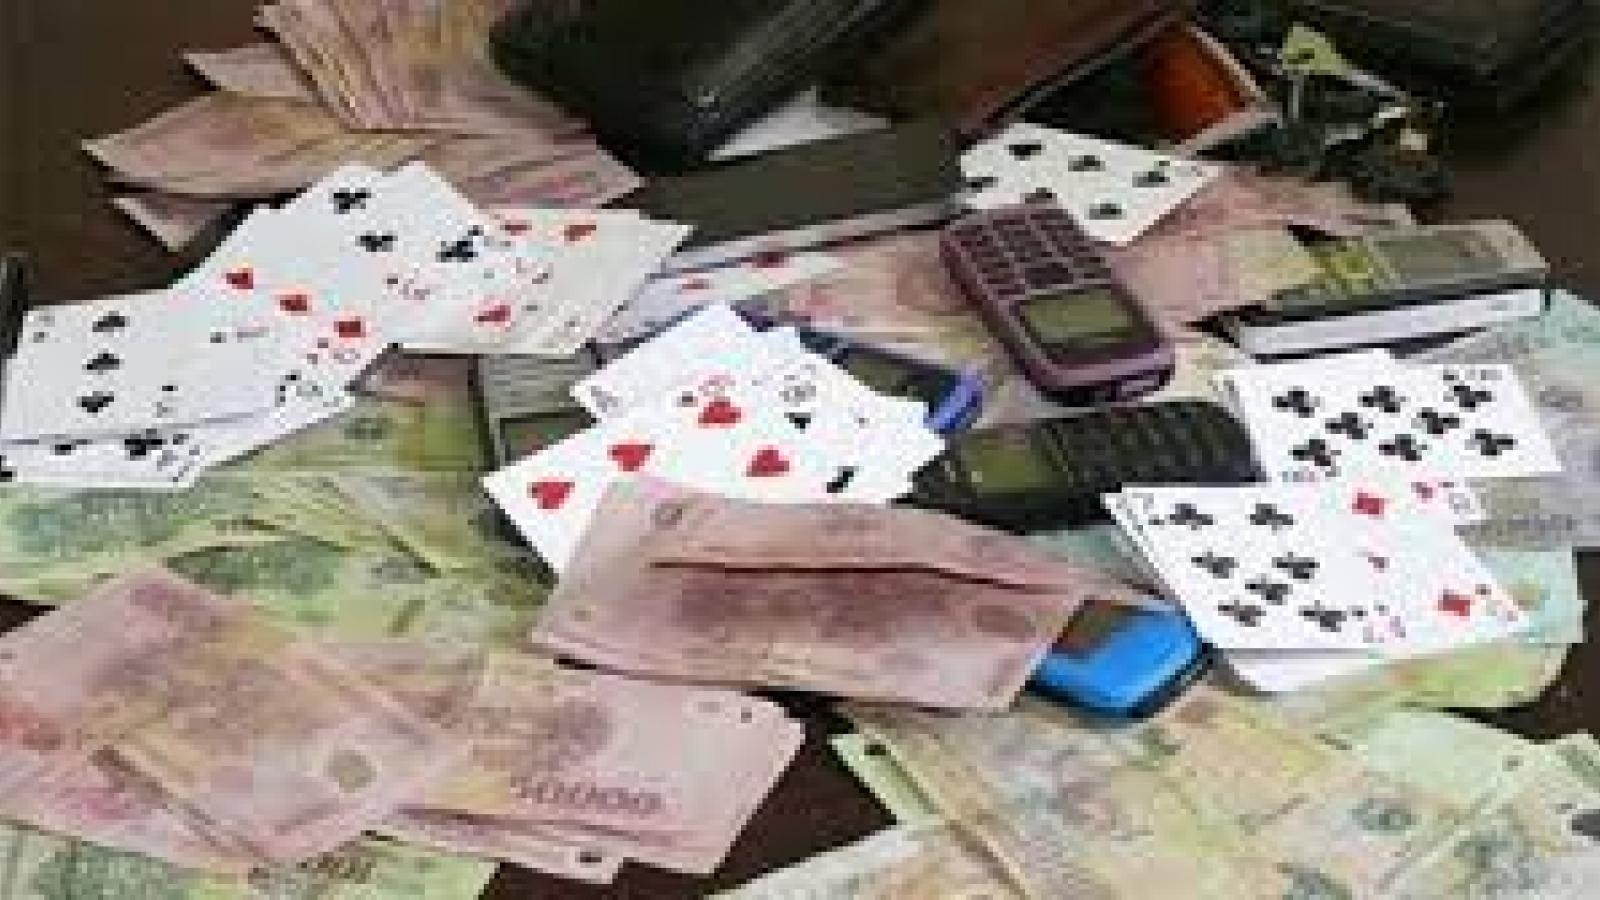 Hai cựu cán bộ công an ở Hà Nội tổ chức đánh bạc, cho đồng nghiệp vay nặng lãi